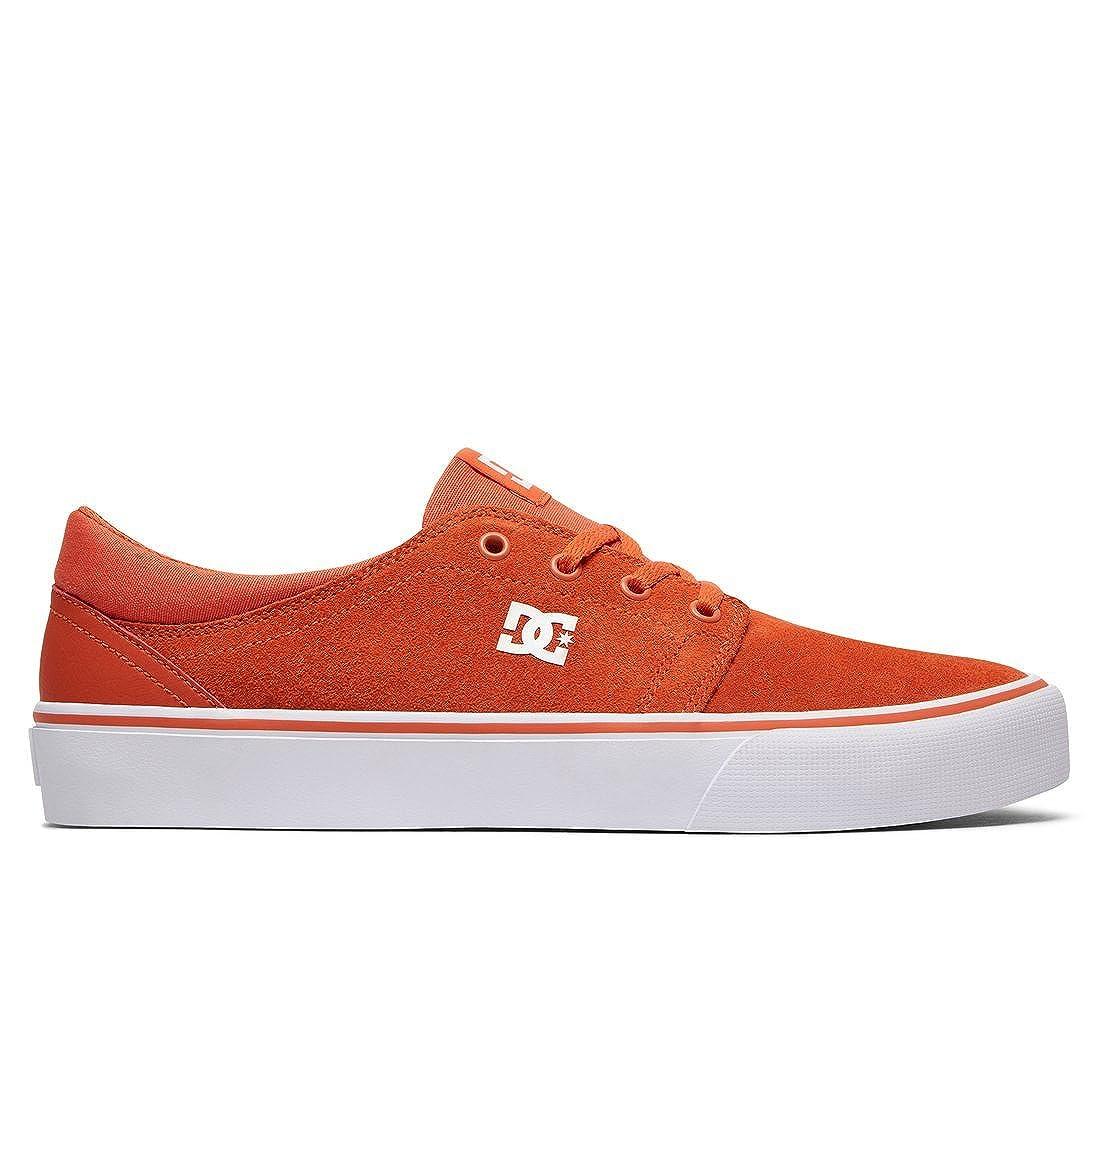 DC schuhe Trase SD - schuhe - Schuhe - Männer - EU 38 - Rot